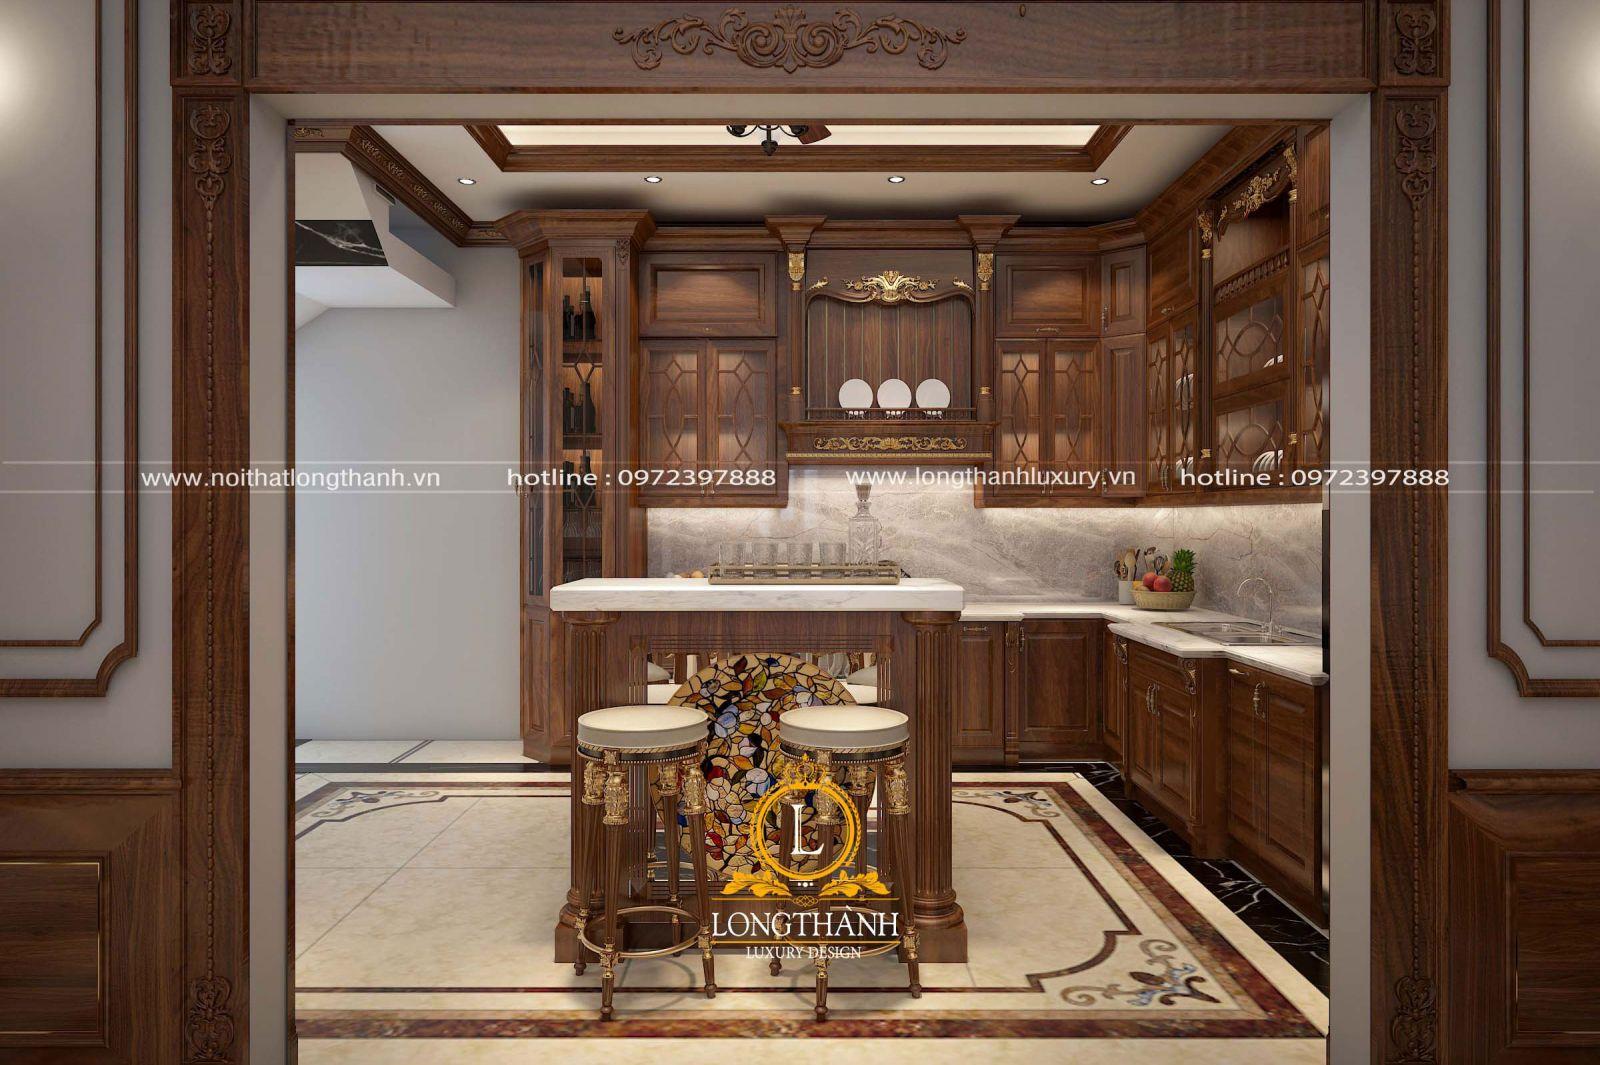 Thiết kế nội thất nhà biệt thự tùy thuộc vào phong cách và thực trạng không gian